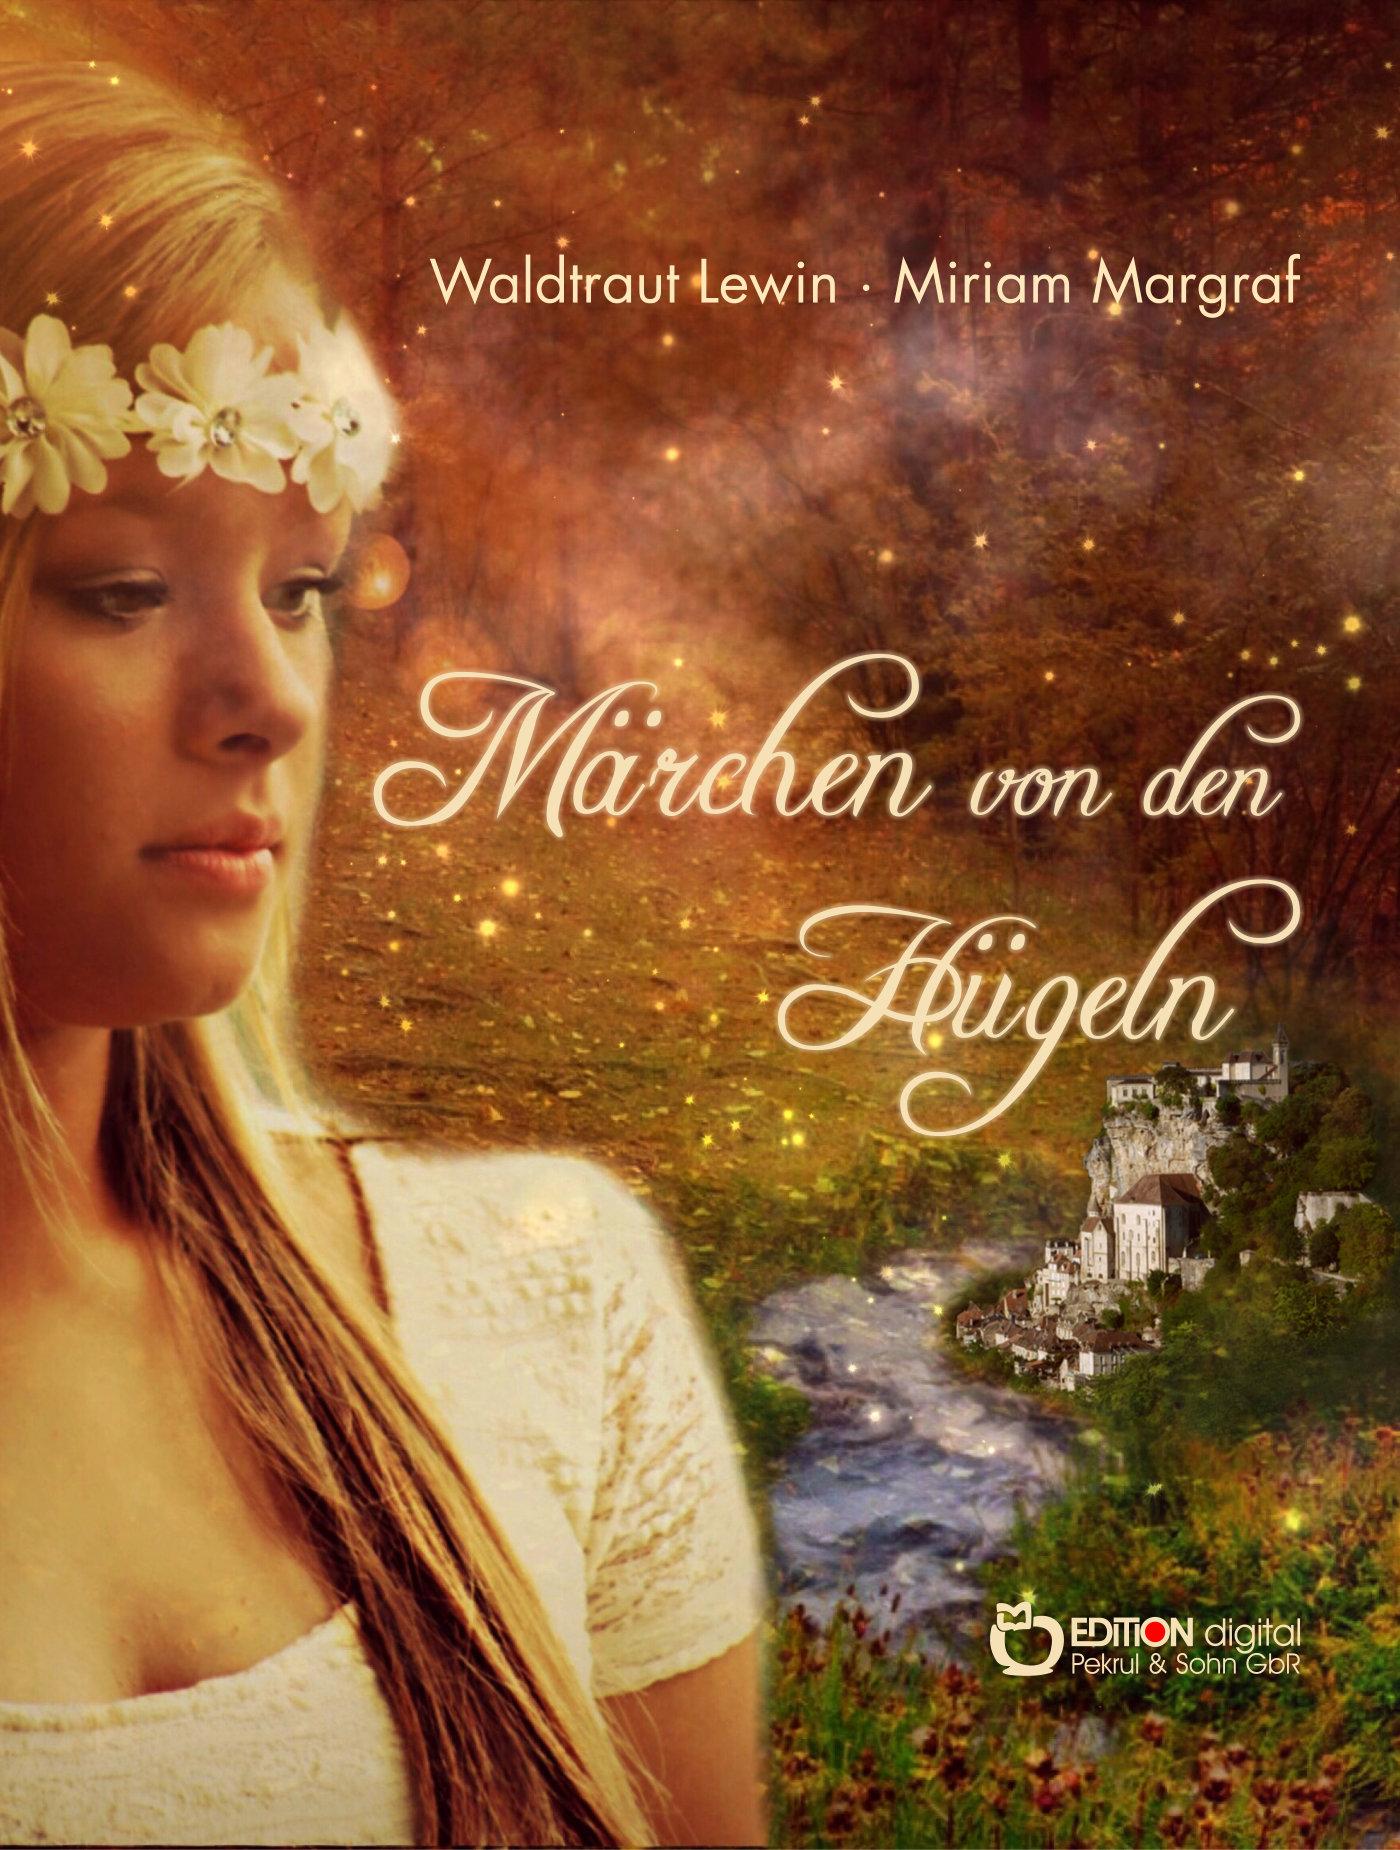 Märchen von den Hügeln von Waldtraut Lewin